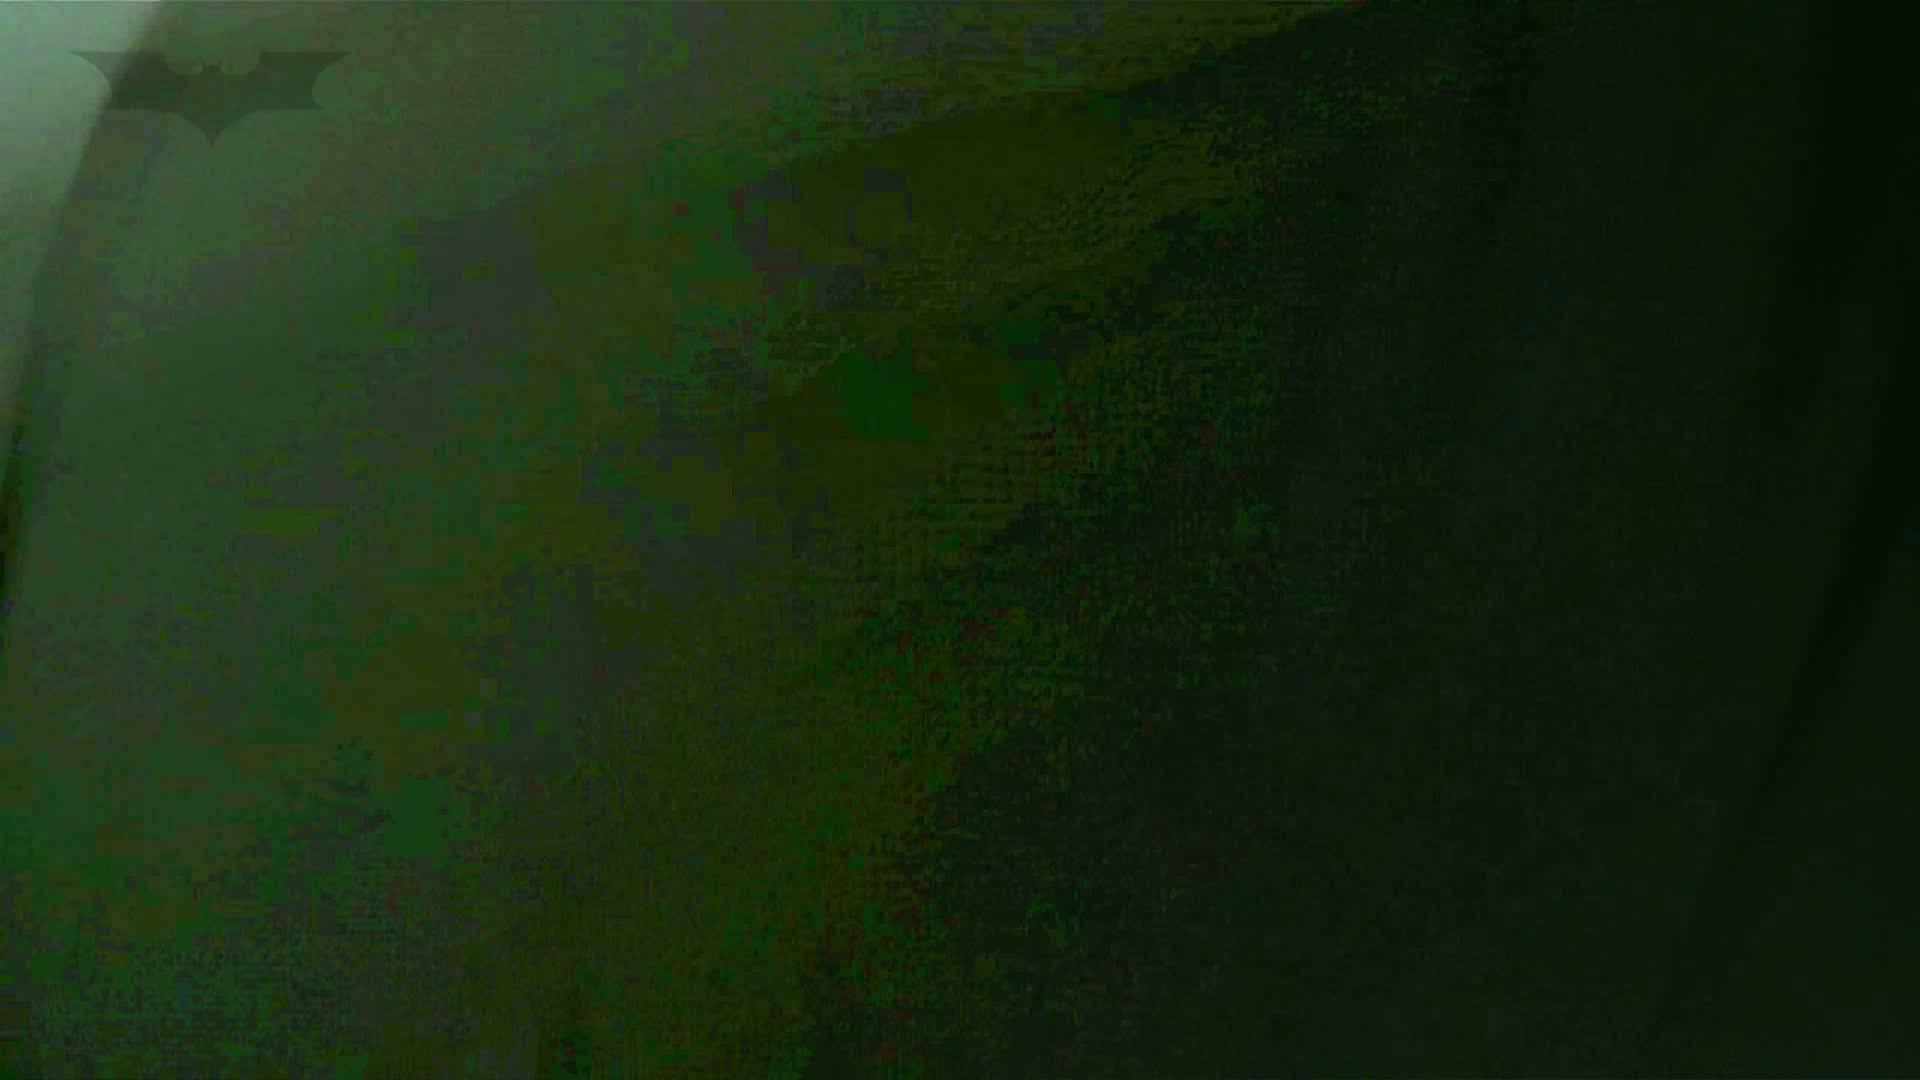 ステーション編 vol.29 頭二つ飛び出る180cm長身モデル ギャル達 | 丸見え  111枚 36